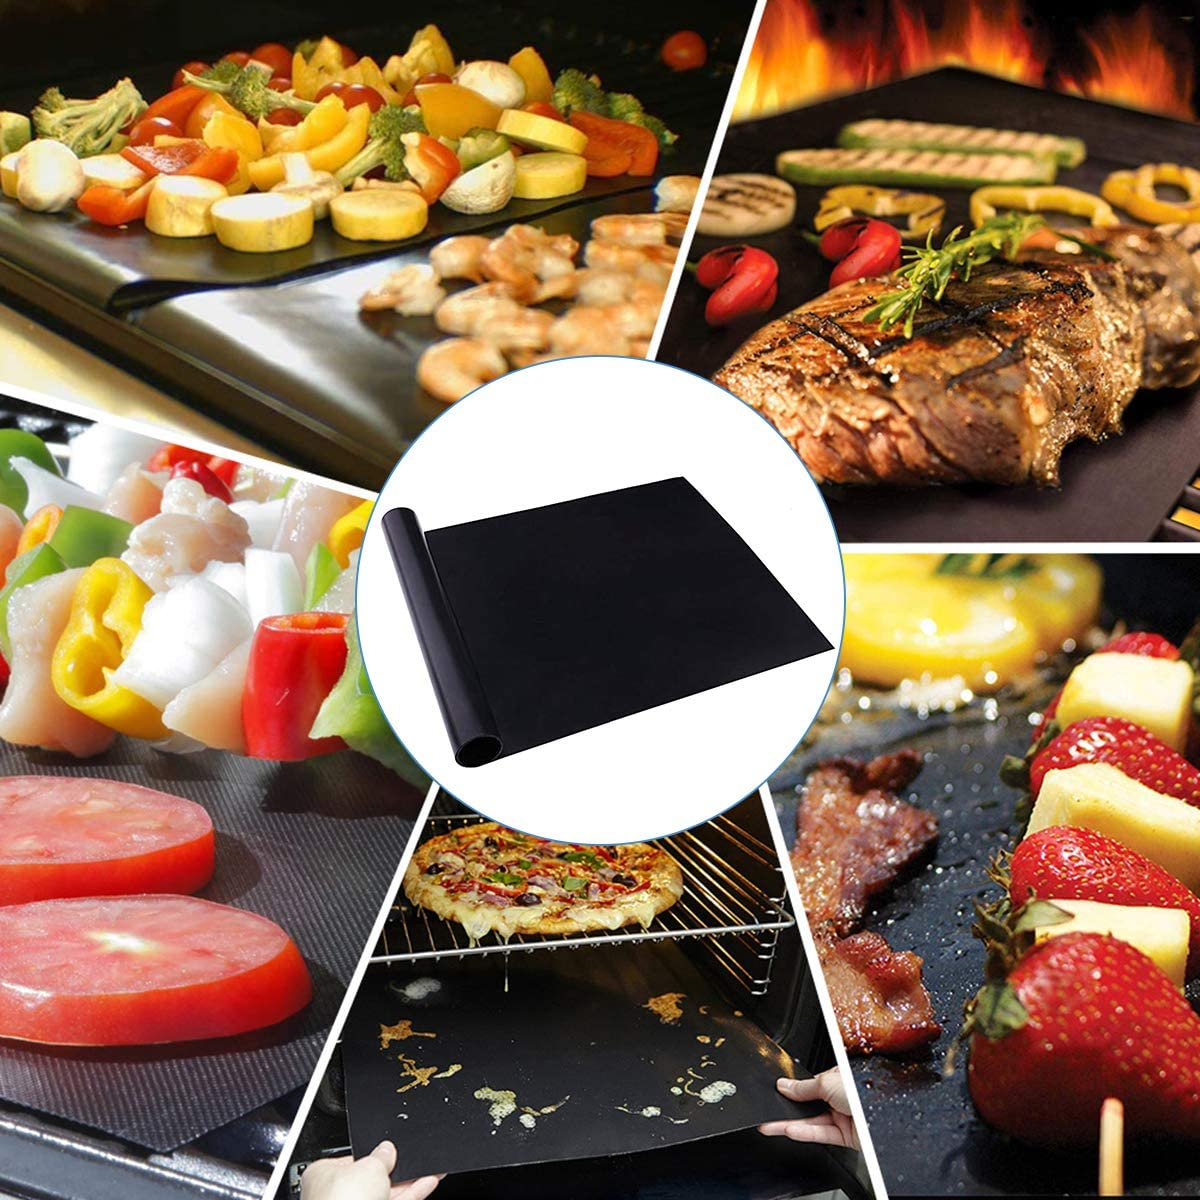 Ruiqas 1 Pc Barbecue Grill Tapis Réutilisable Antiadhésif Barbecue Feuille pour Griller Cuisson Maison Parti Outil de Cuisine 40x33